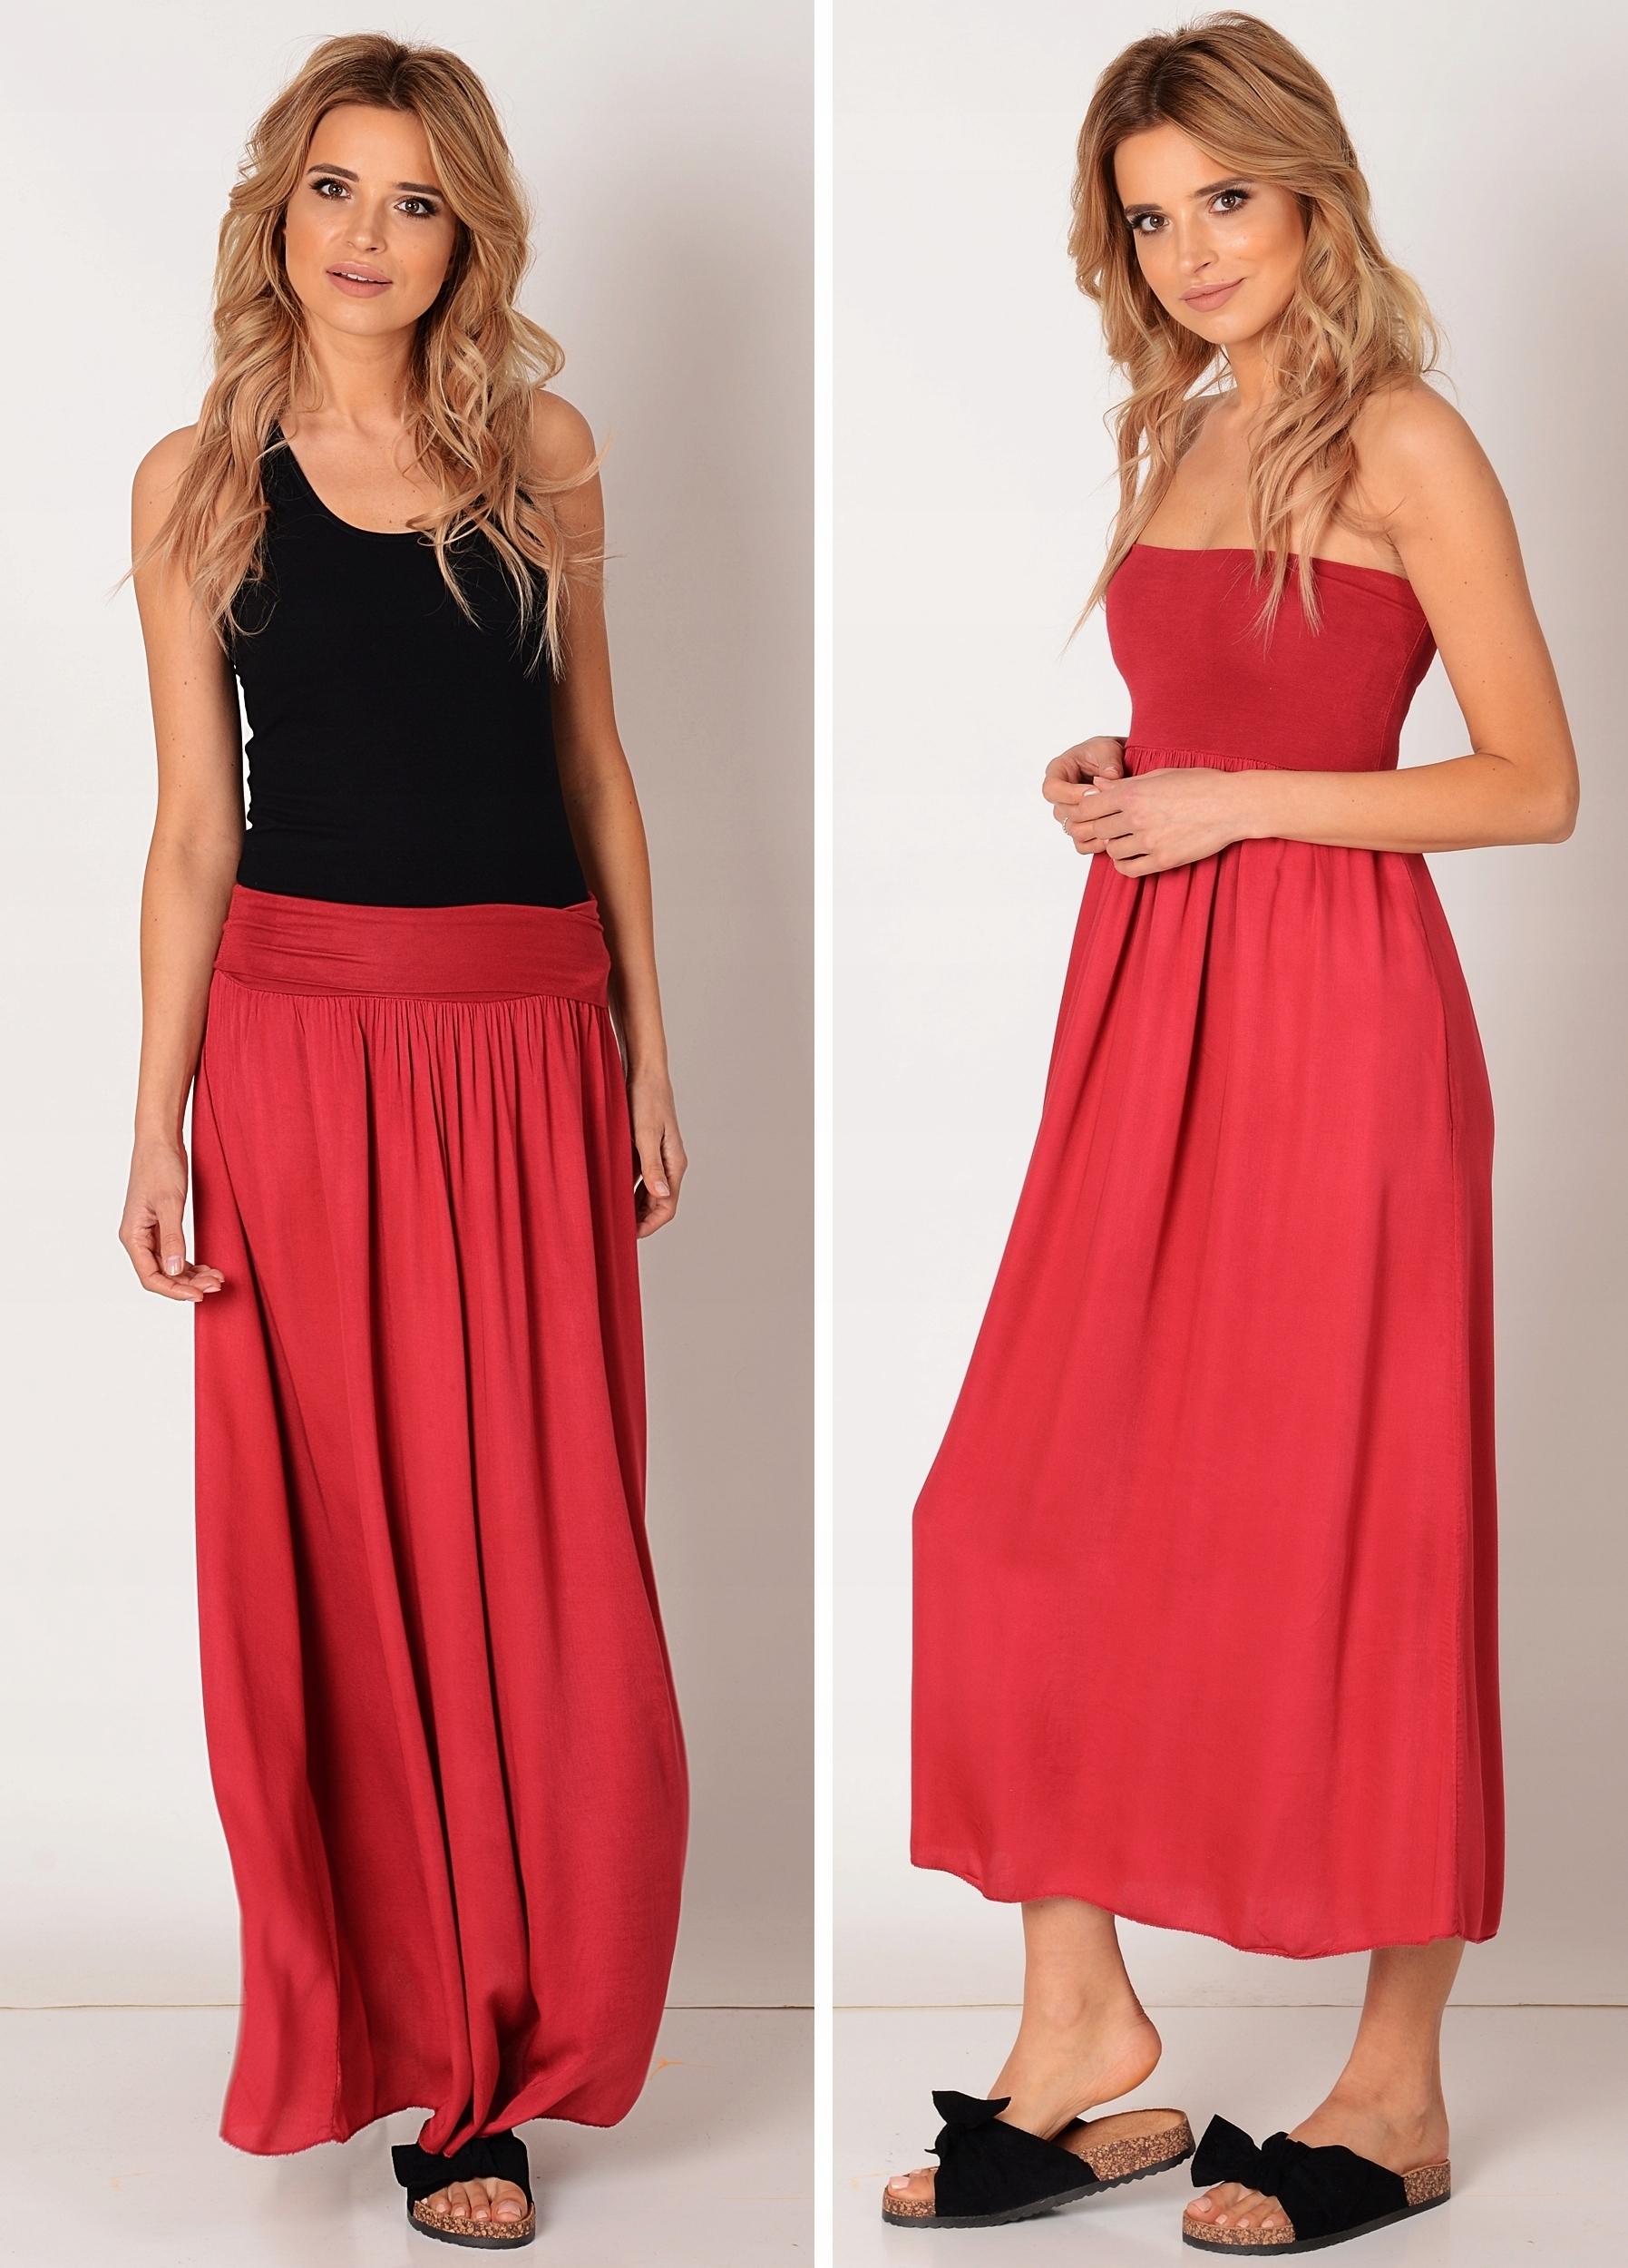 Bordowa długa spódnica Letnia MAXI 2w1 Sukienka 8122135097